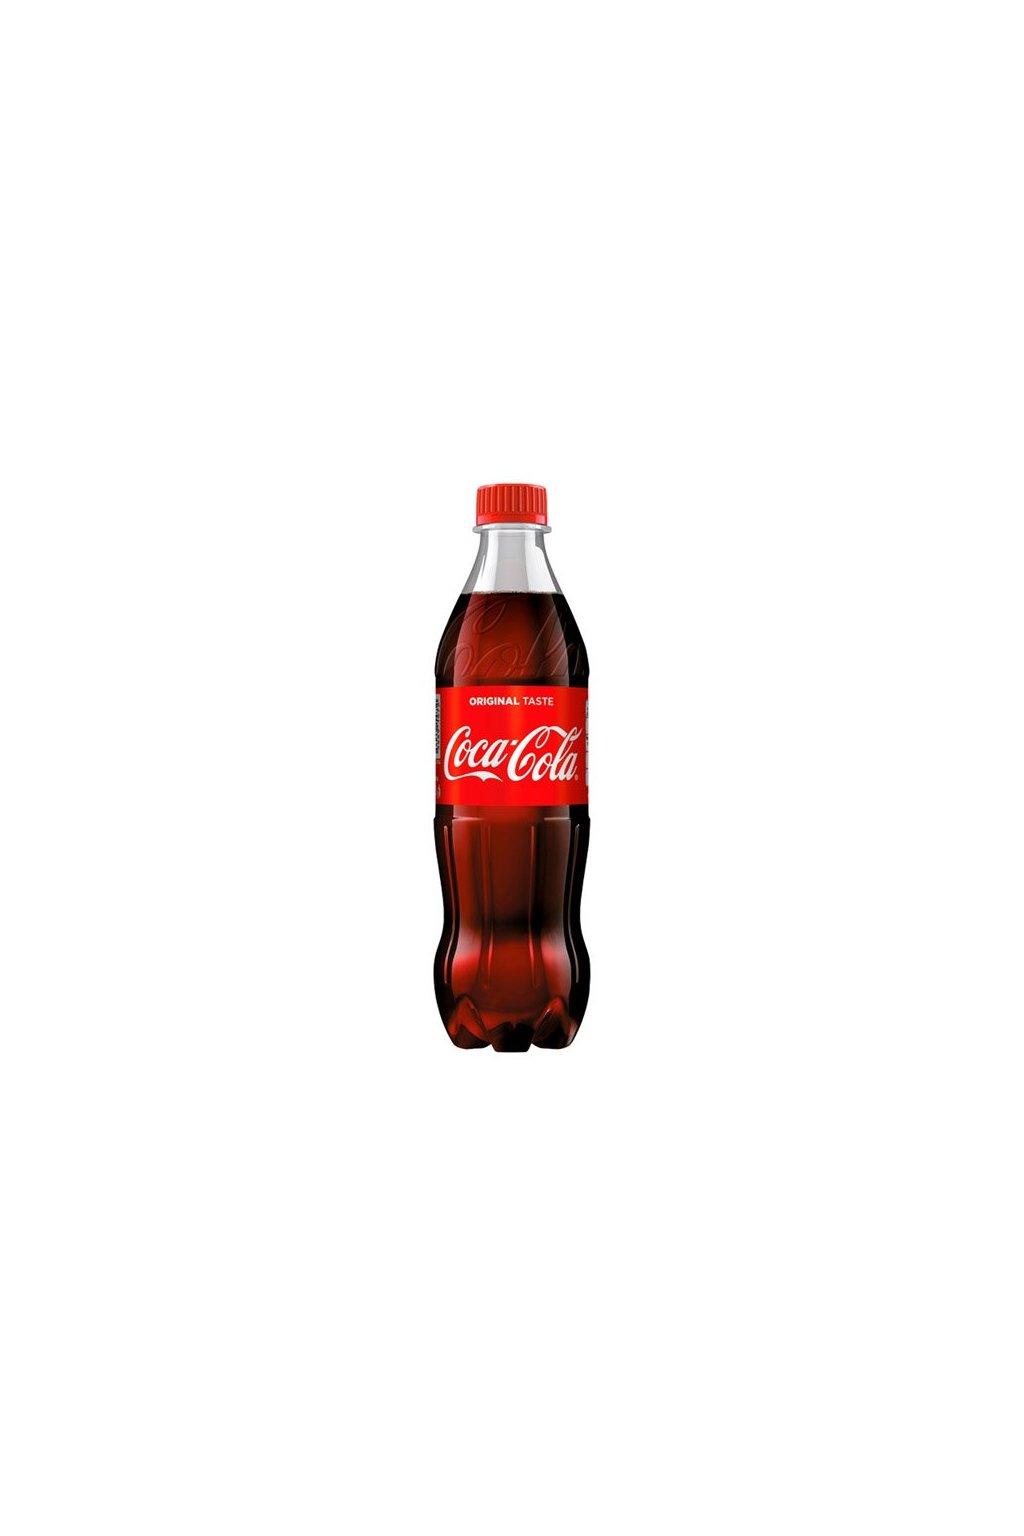 COCA COLA 0.50L PET